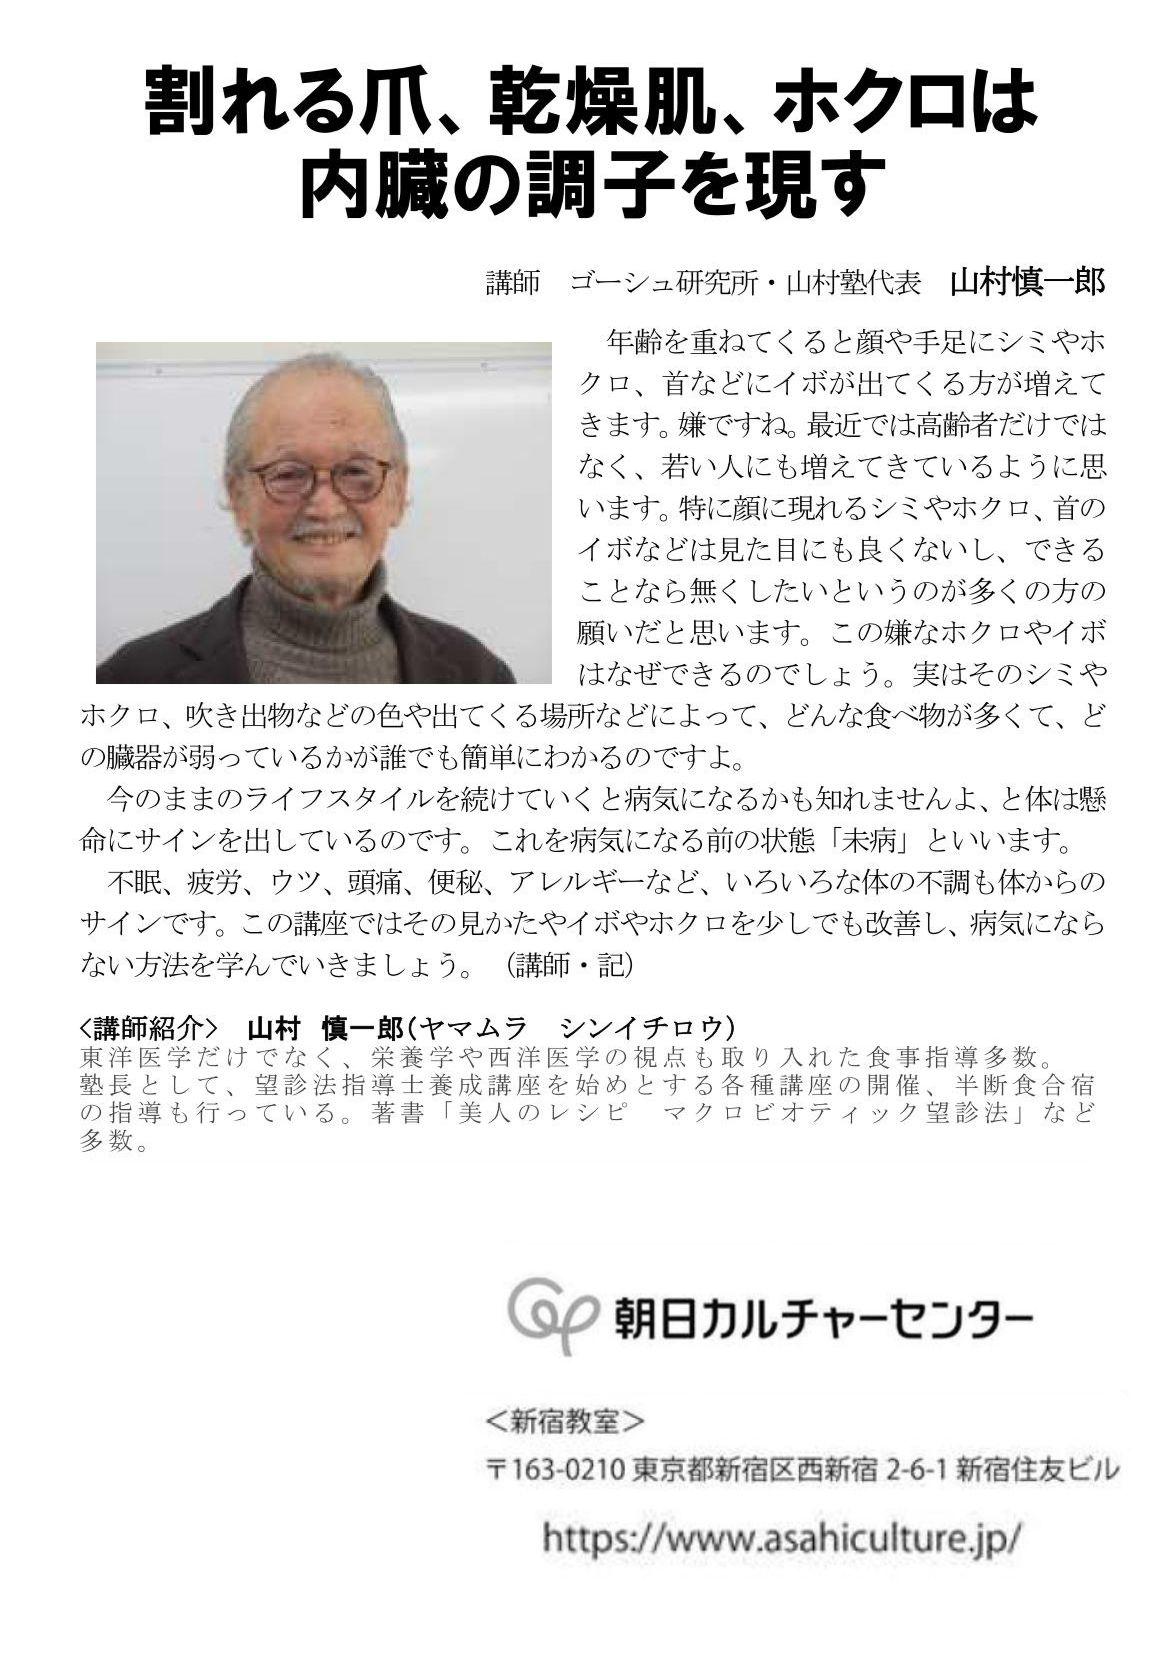 朝日カルチャースクール新宿の講座